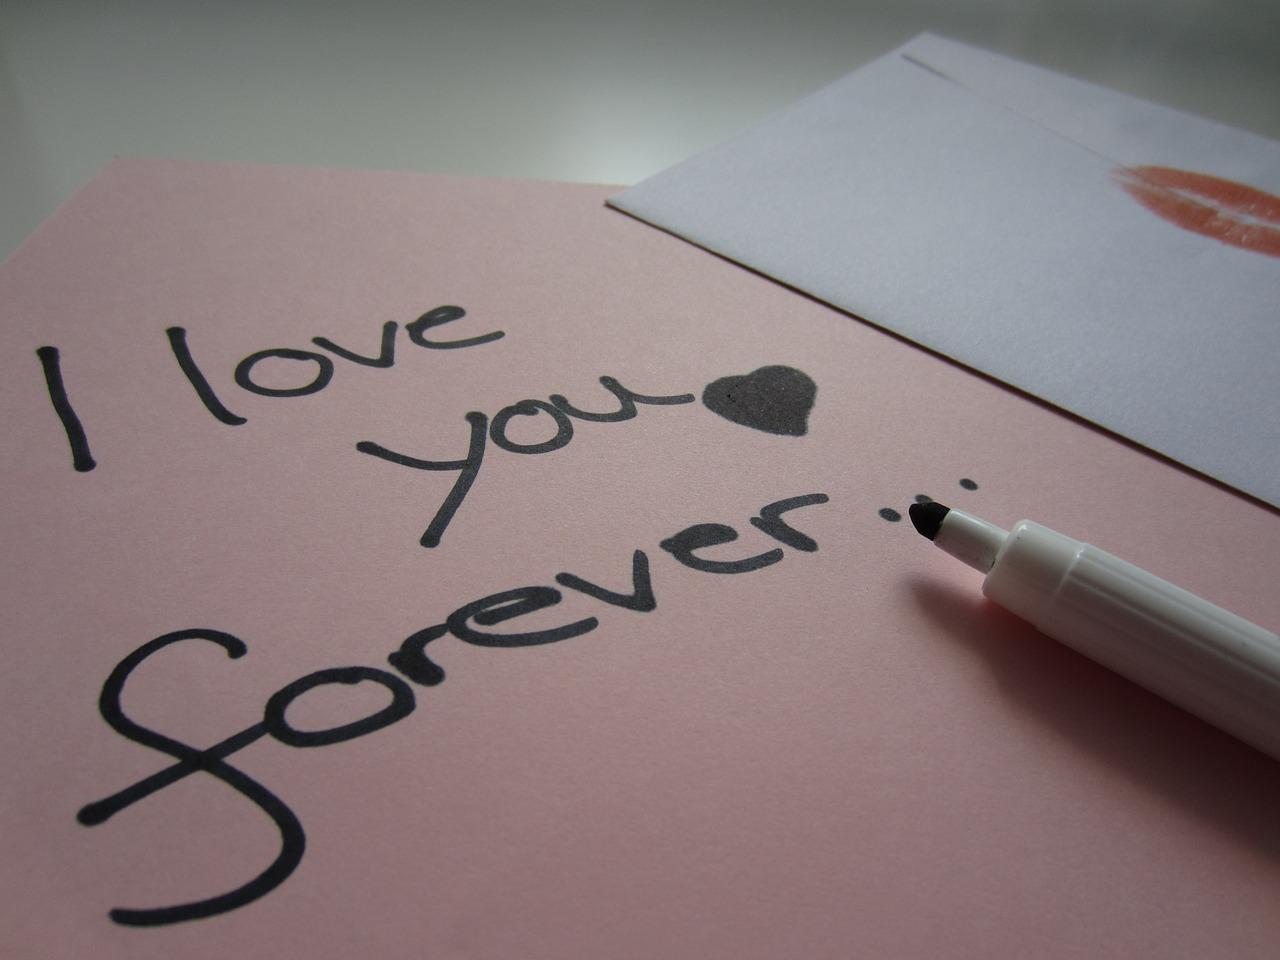 Lettre d'amour - Image libre : www.pixabay.com